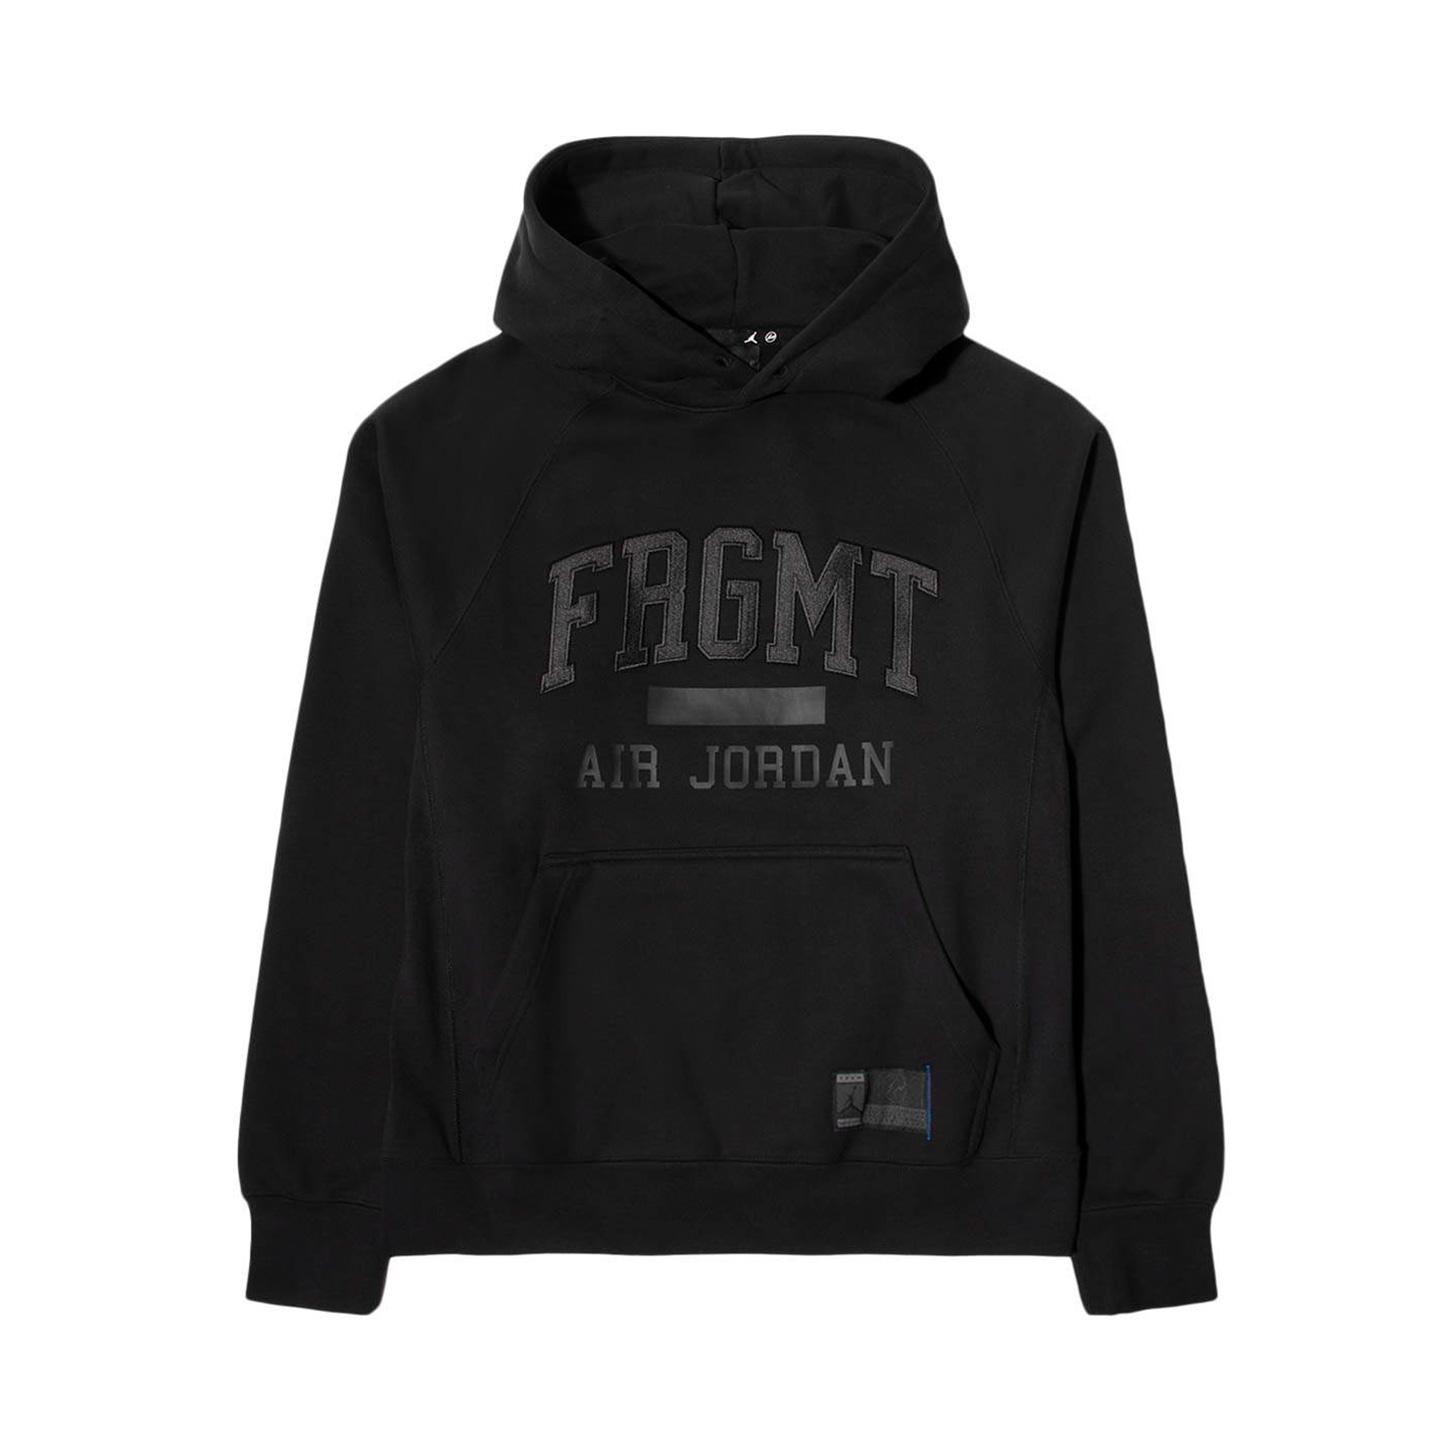 Jordan X Fragment Black Fleece Pullover Hoodie